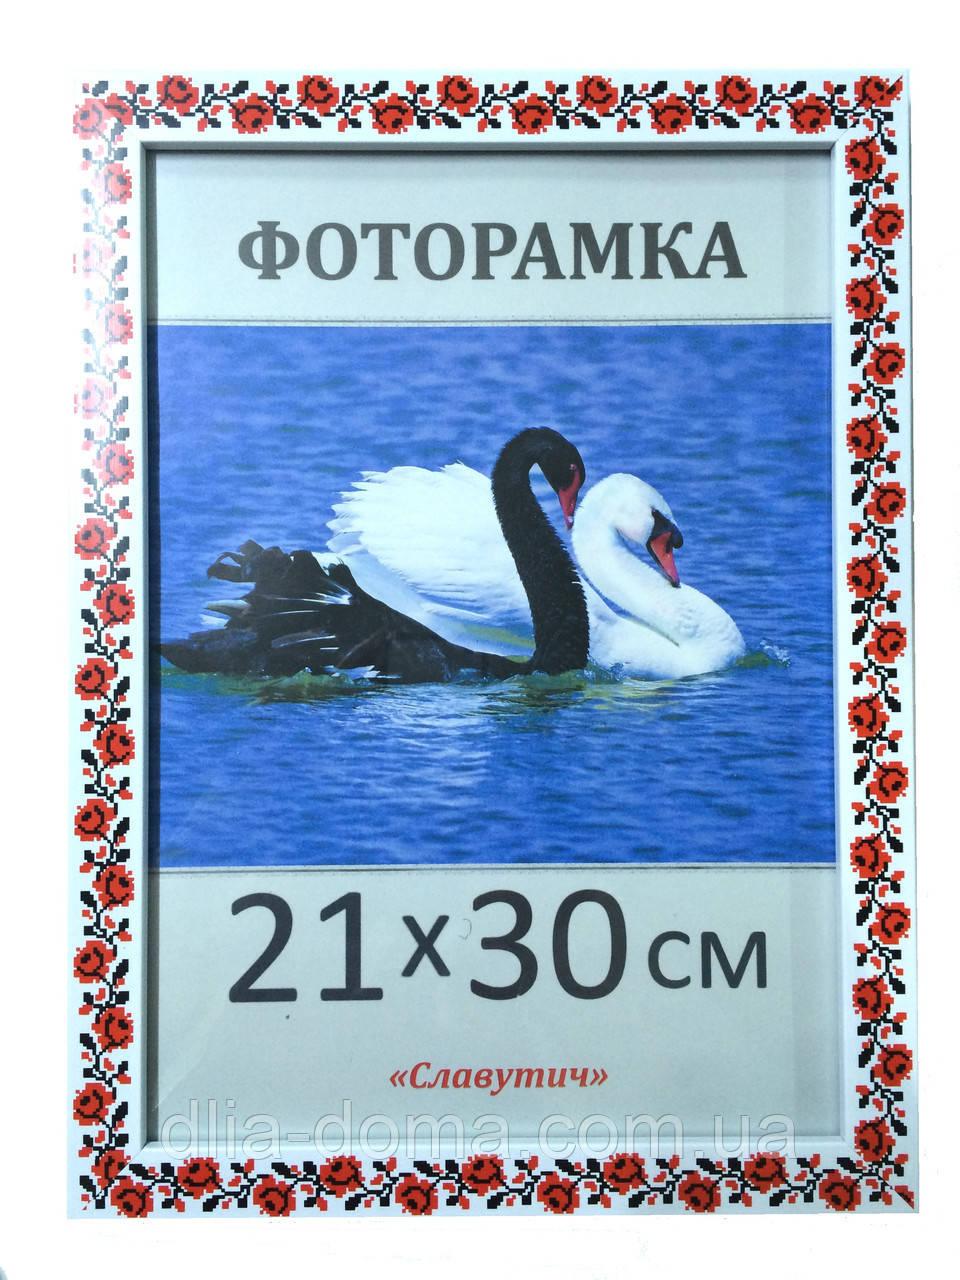 Фоторамка пластиковая 21х30, рамка для фото 2216-102